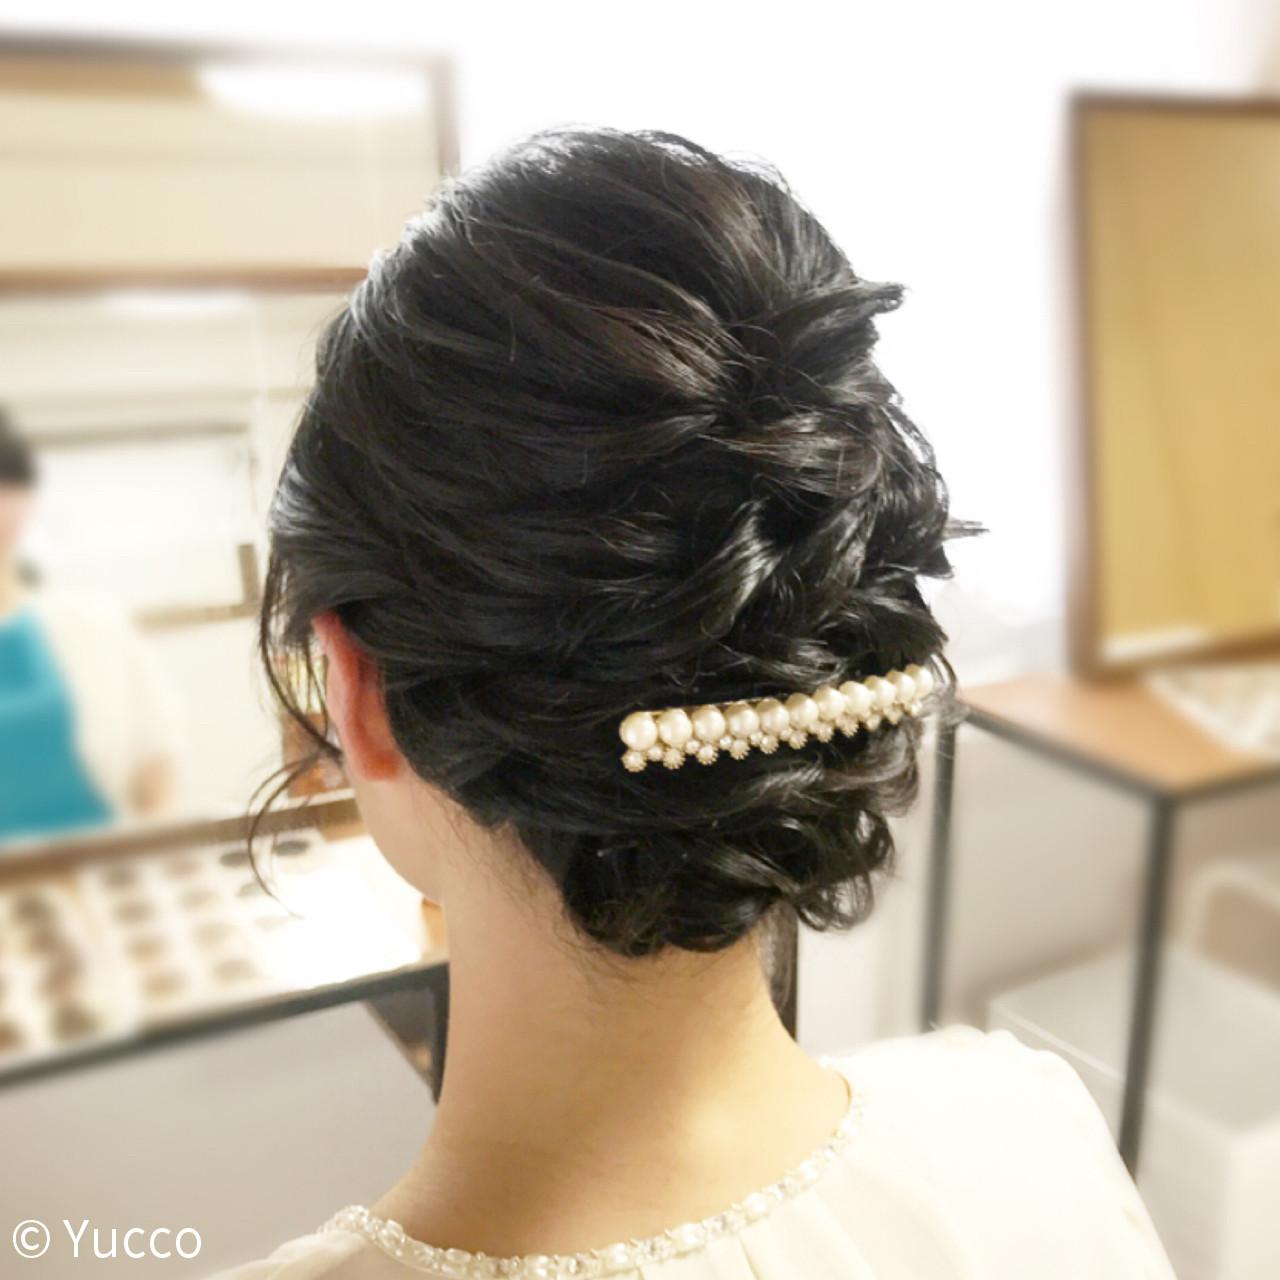 結婚式にも使えるヘアレンジでよく用いられるヘアアクセサリーといえば、パールアクセサリーです。清潔感があり、上品なパールバレッタはつけるだけでぐっとエレガントさがアップしておしゃれな仕上がりに。